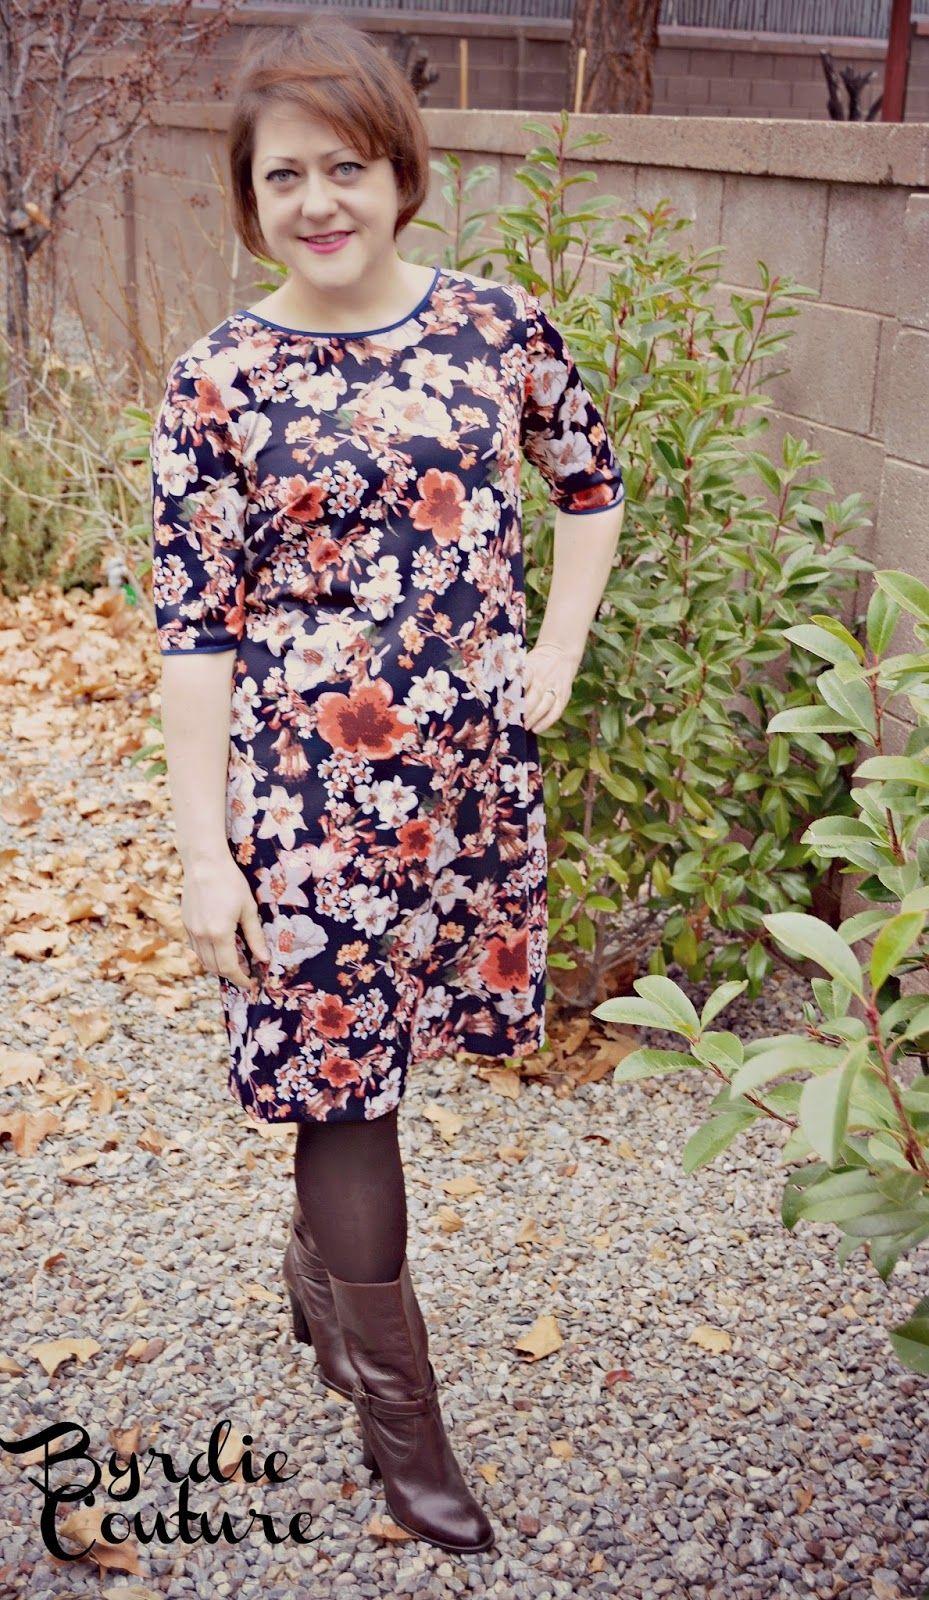 Byrdie Couture: Colette Laurel in Ponte Floral. DIY shift dress ...